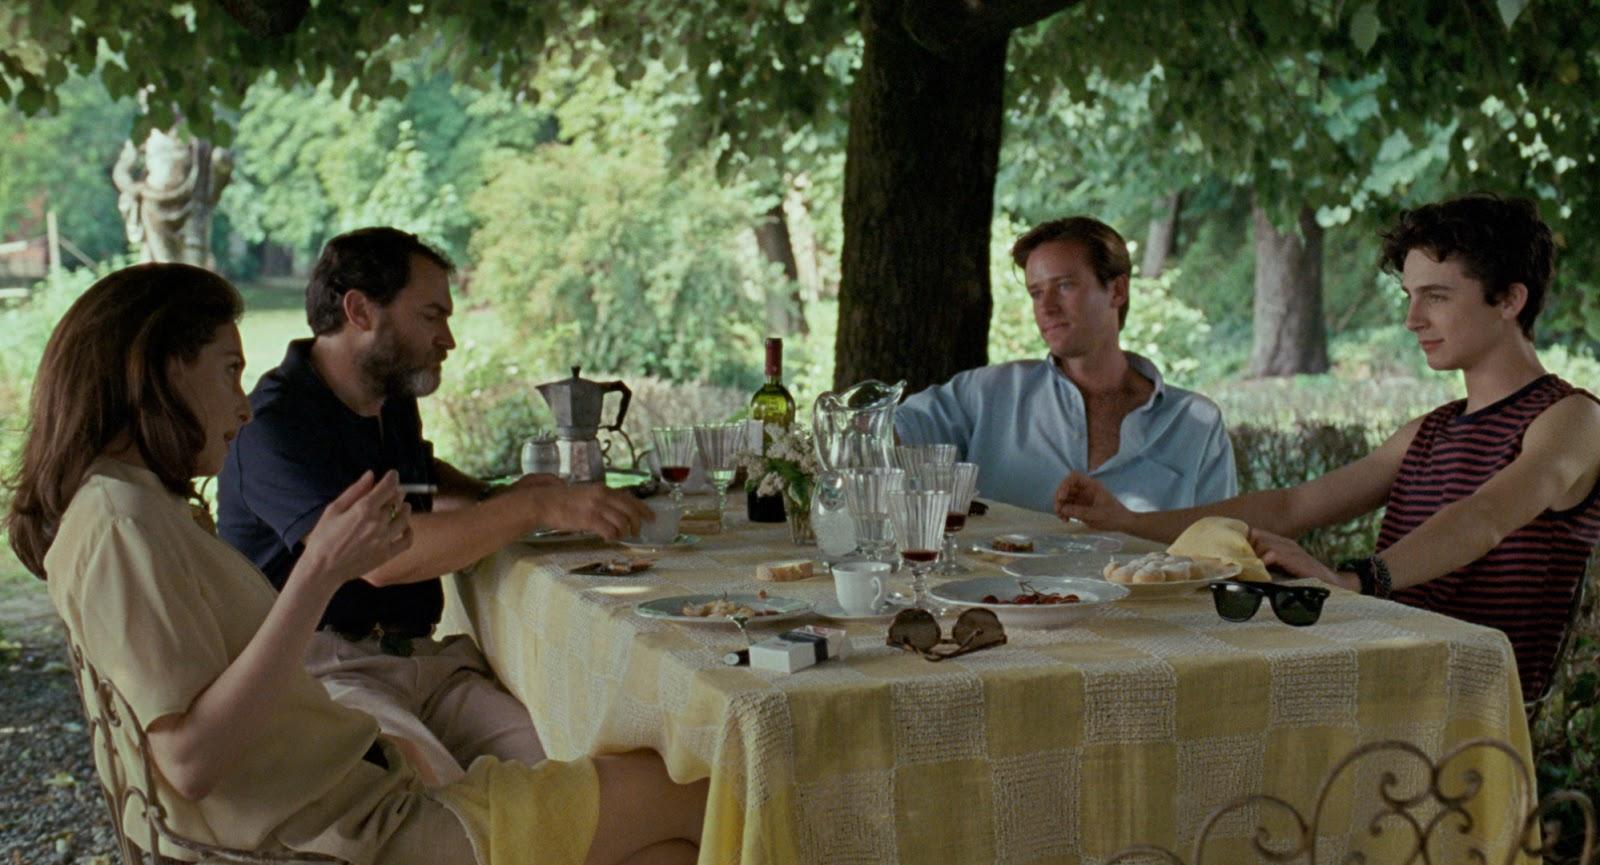 Lato miłości – recenzja filmu <i>Tamte dni, tamte noce</i>